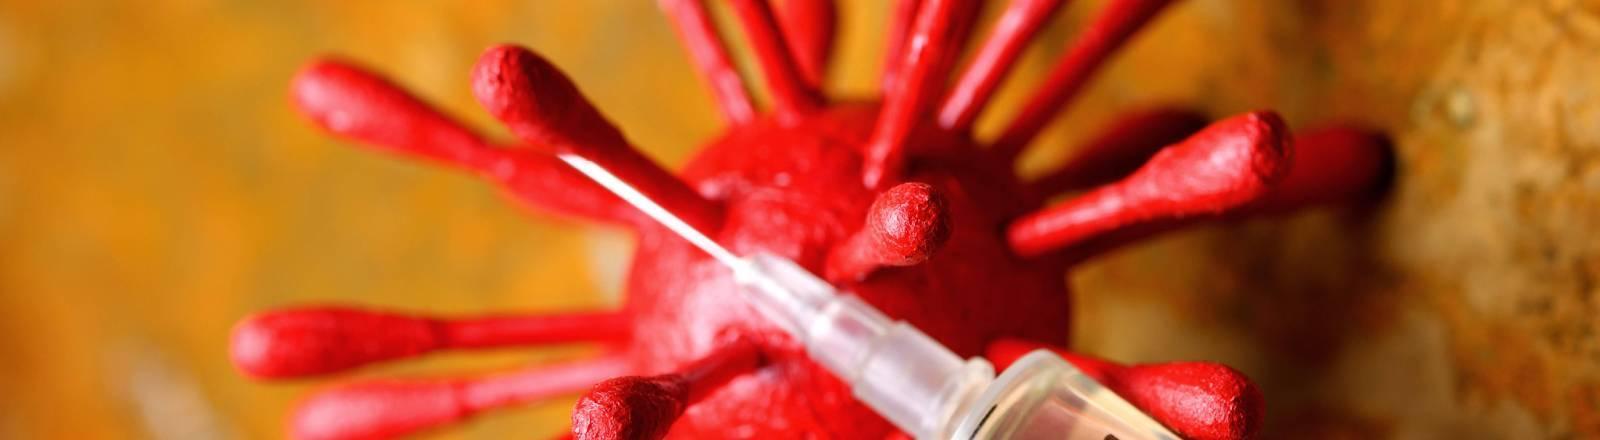 Symbolfoto: Impfspritze liegt auf Coronavirus-Modell